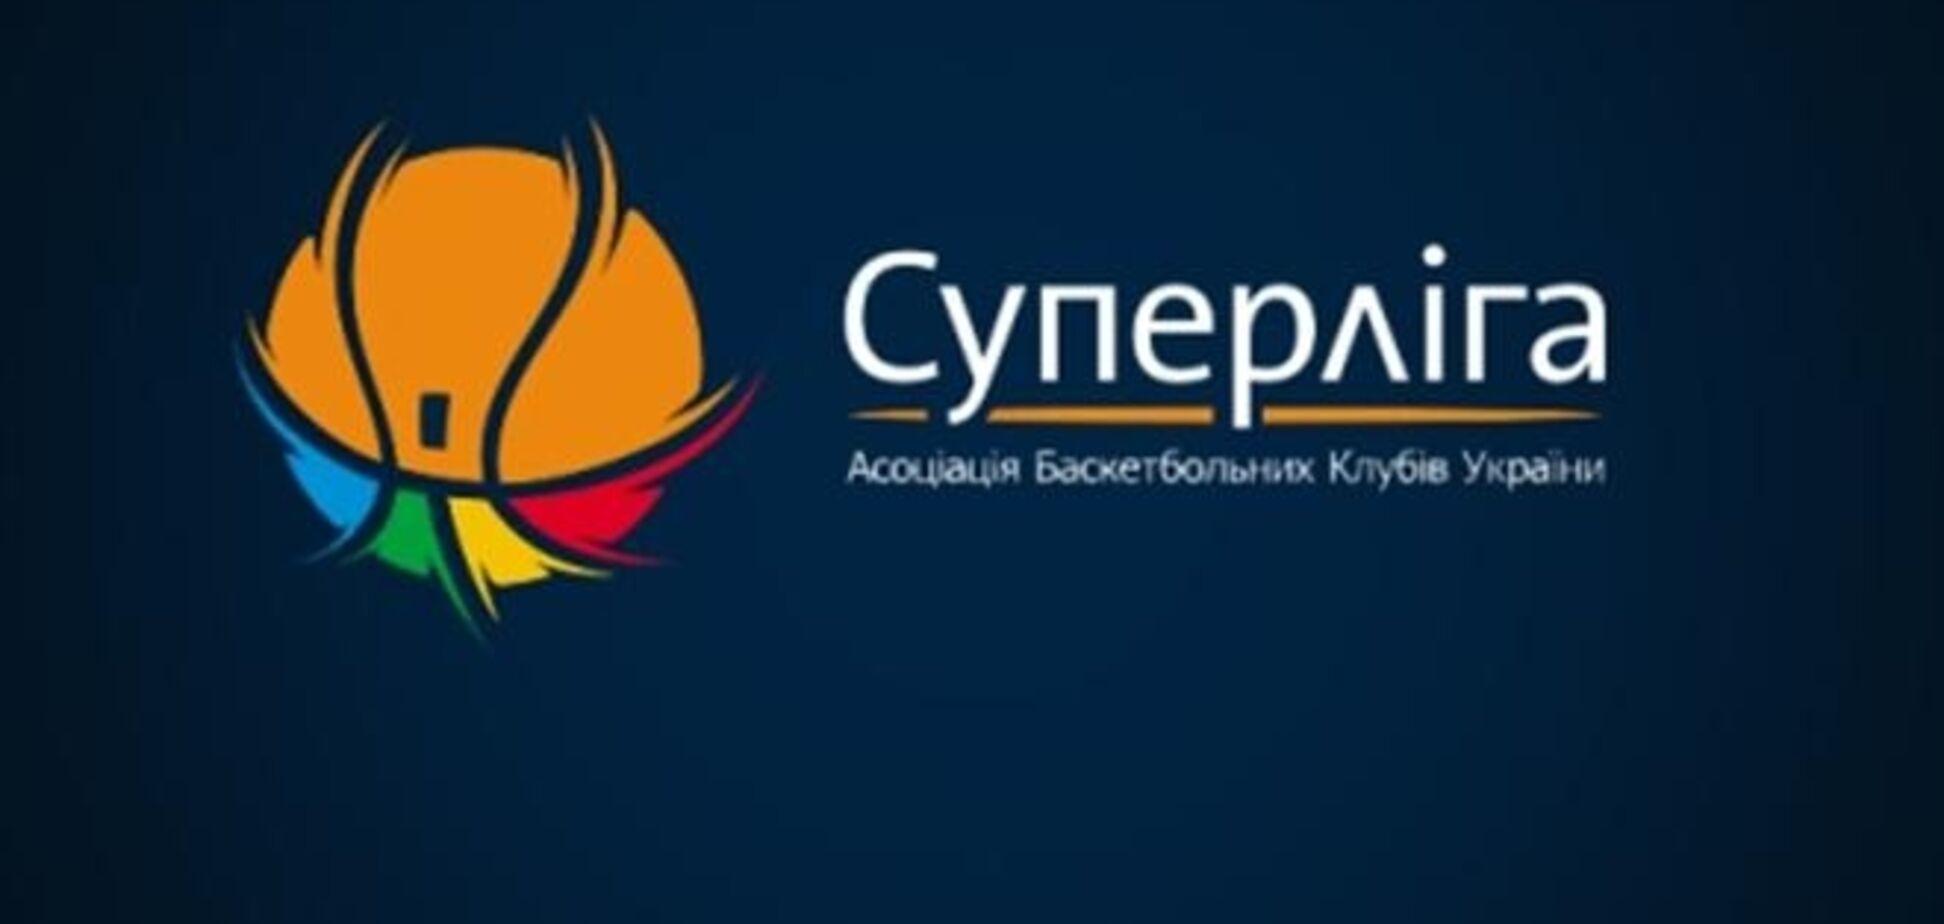 Баскетбольная Суперлига сократила количество игр в плей-офф